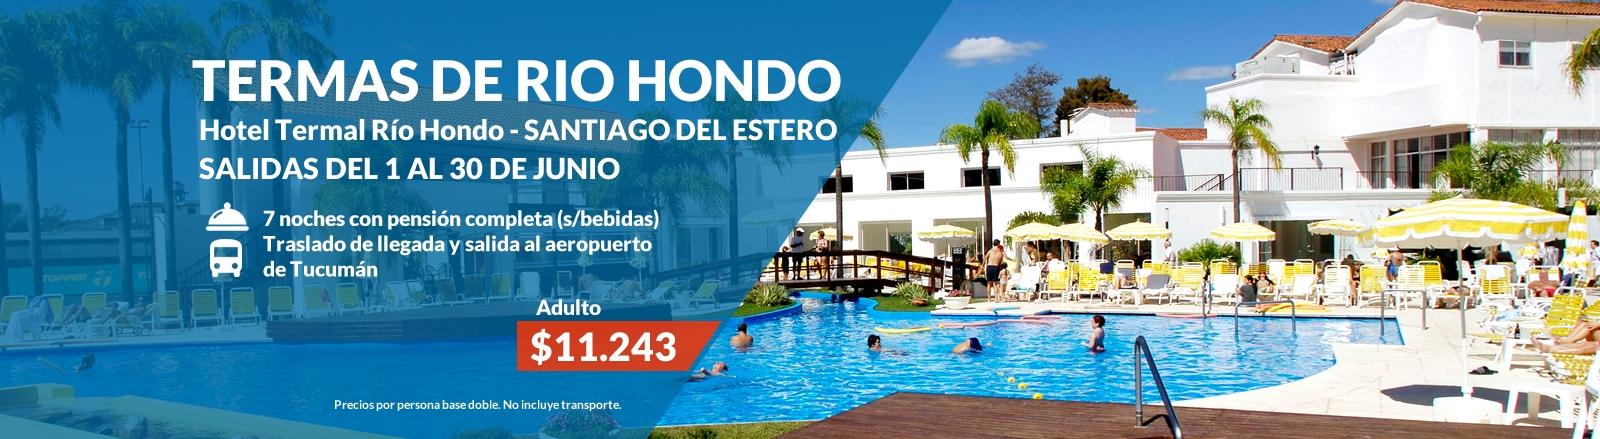 Termas de Rio Hondo - Santiago del Estero